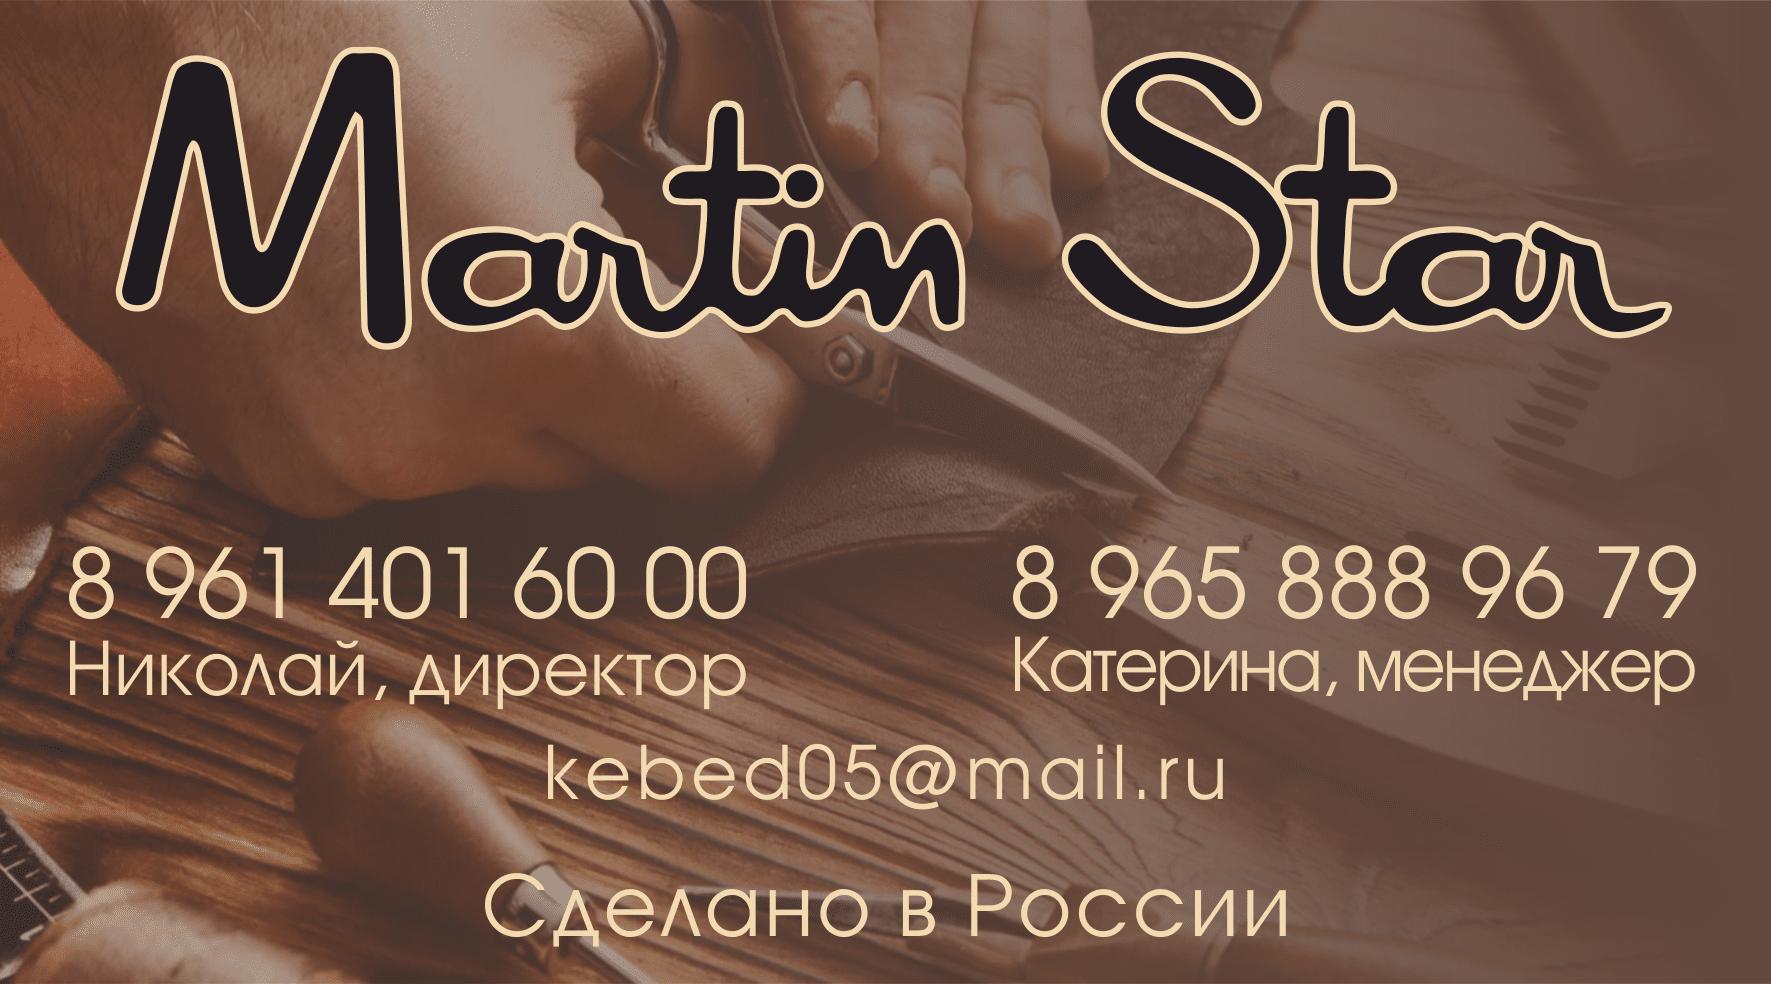 Мартин Стар